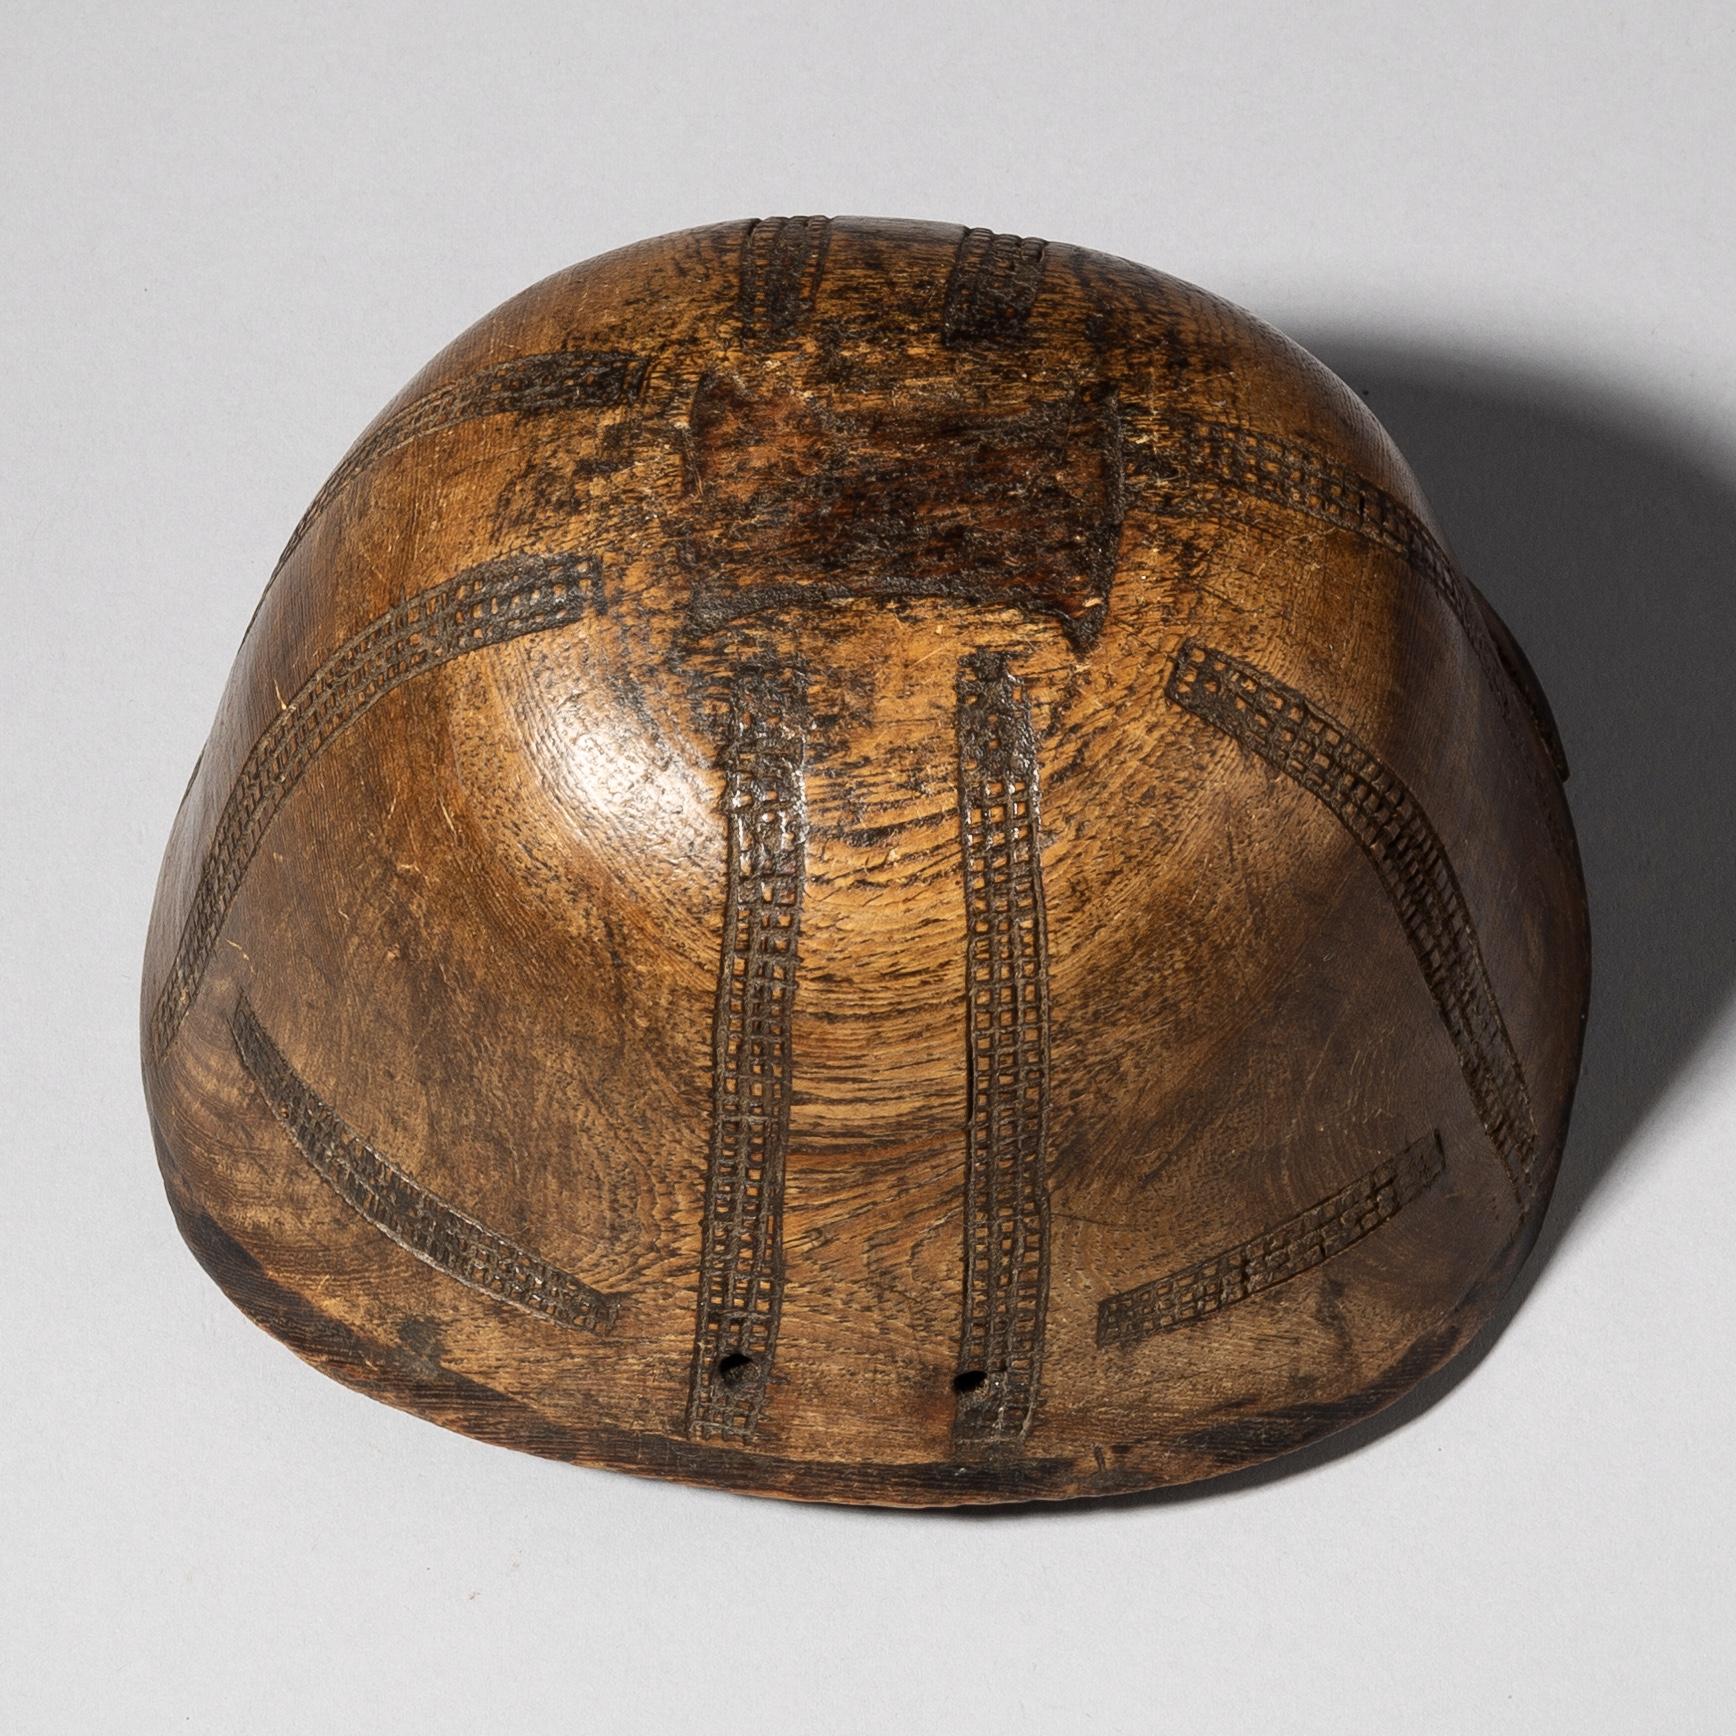 A BURNISHED TURKANA BOWL FROM KENYA ( No 3709)